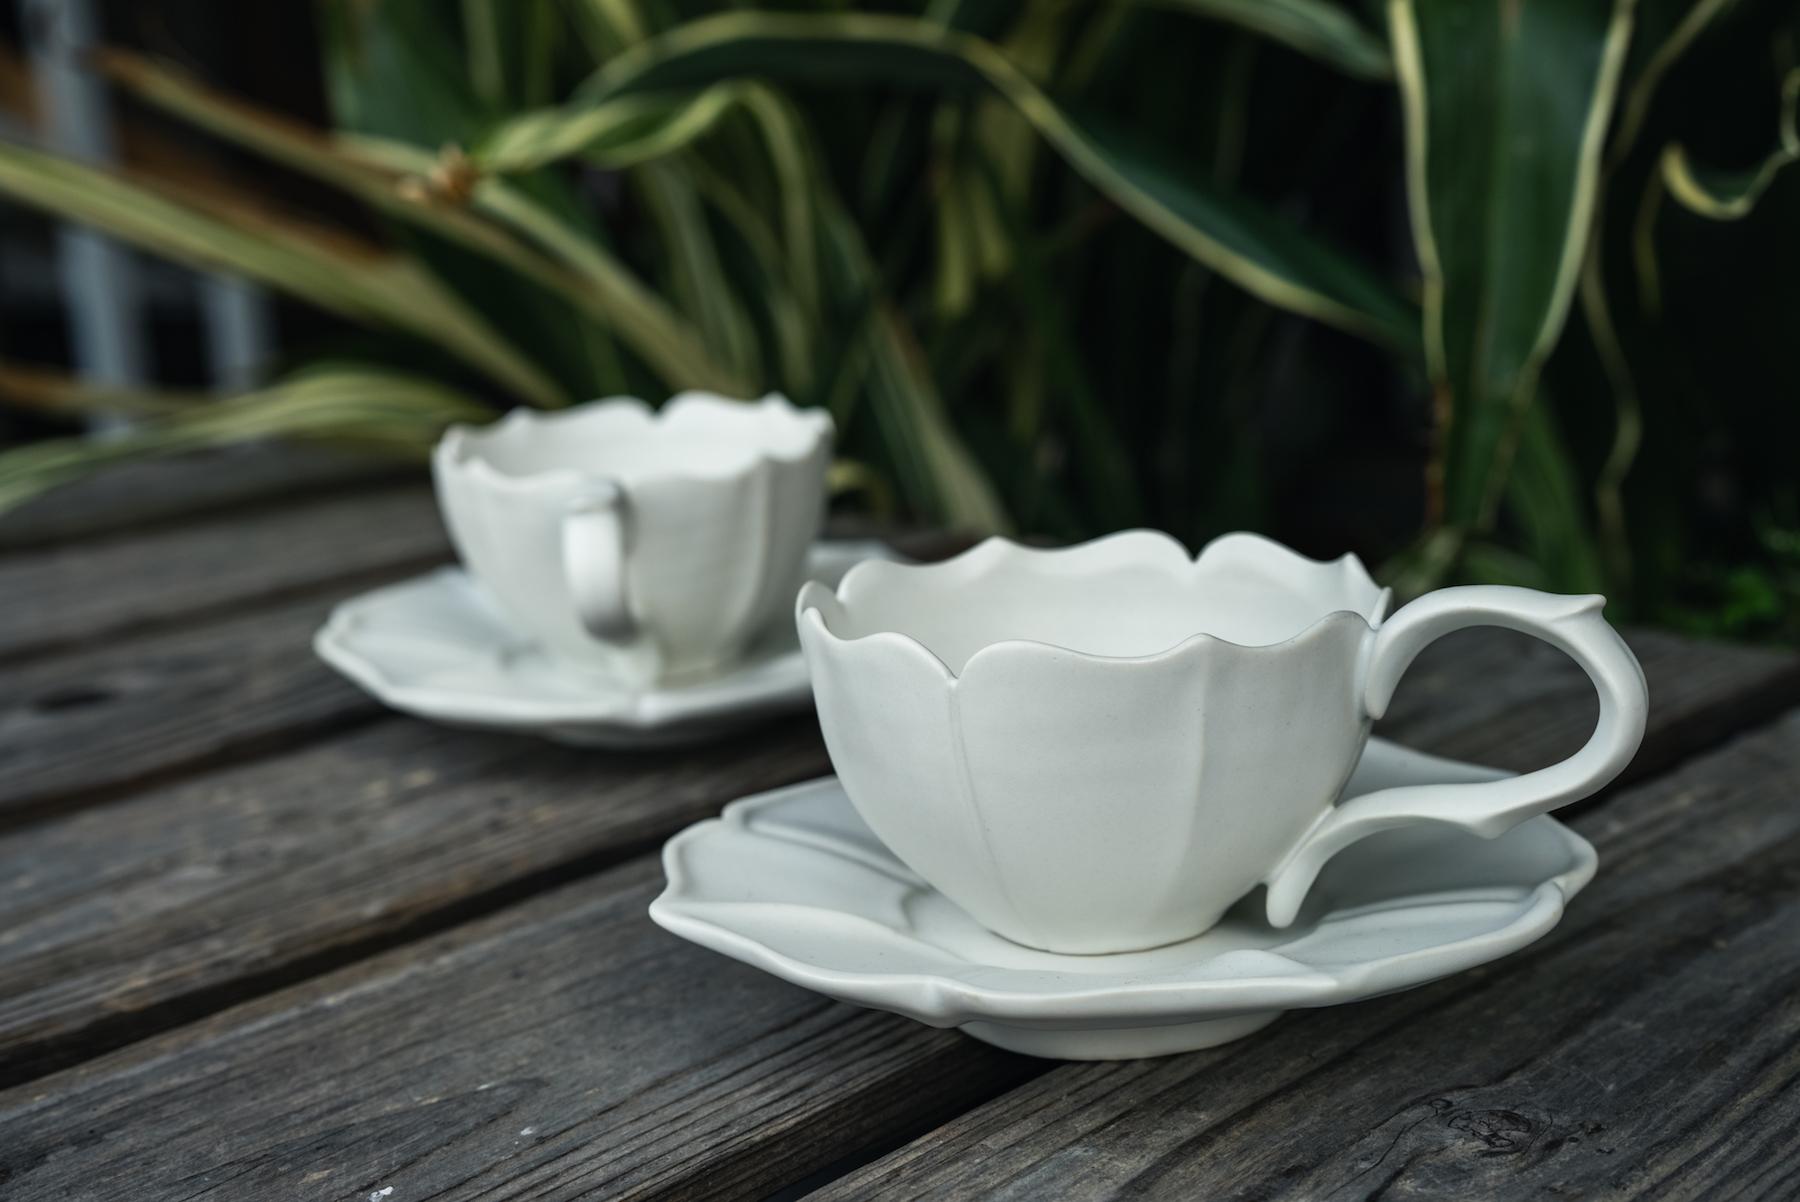 「コーヒーカップが好きで、毎年作るんです。」という宇佐美さん。自分の好きなものを楽しんで作れるのは、職人の醍醐味の一つかもしれませんね。